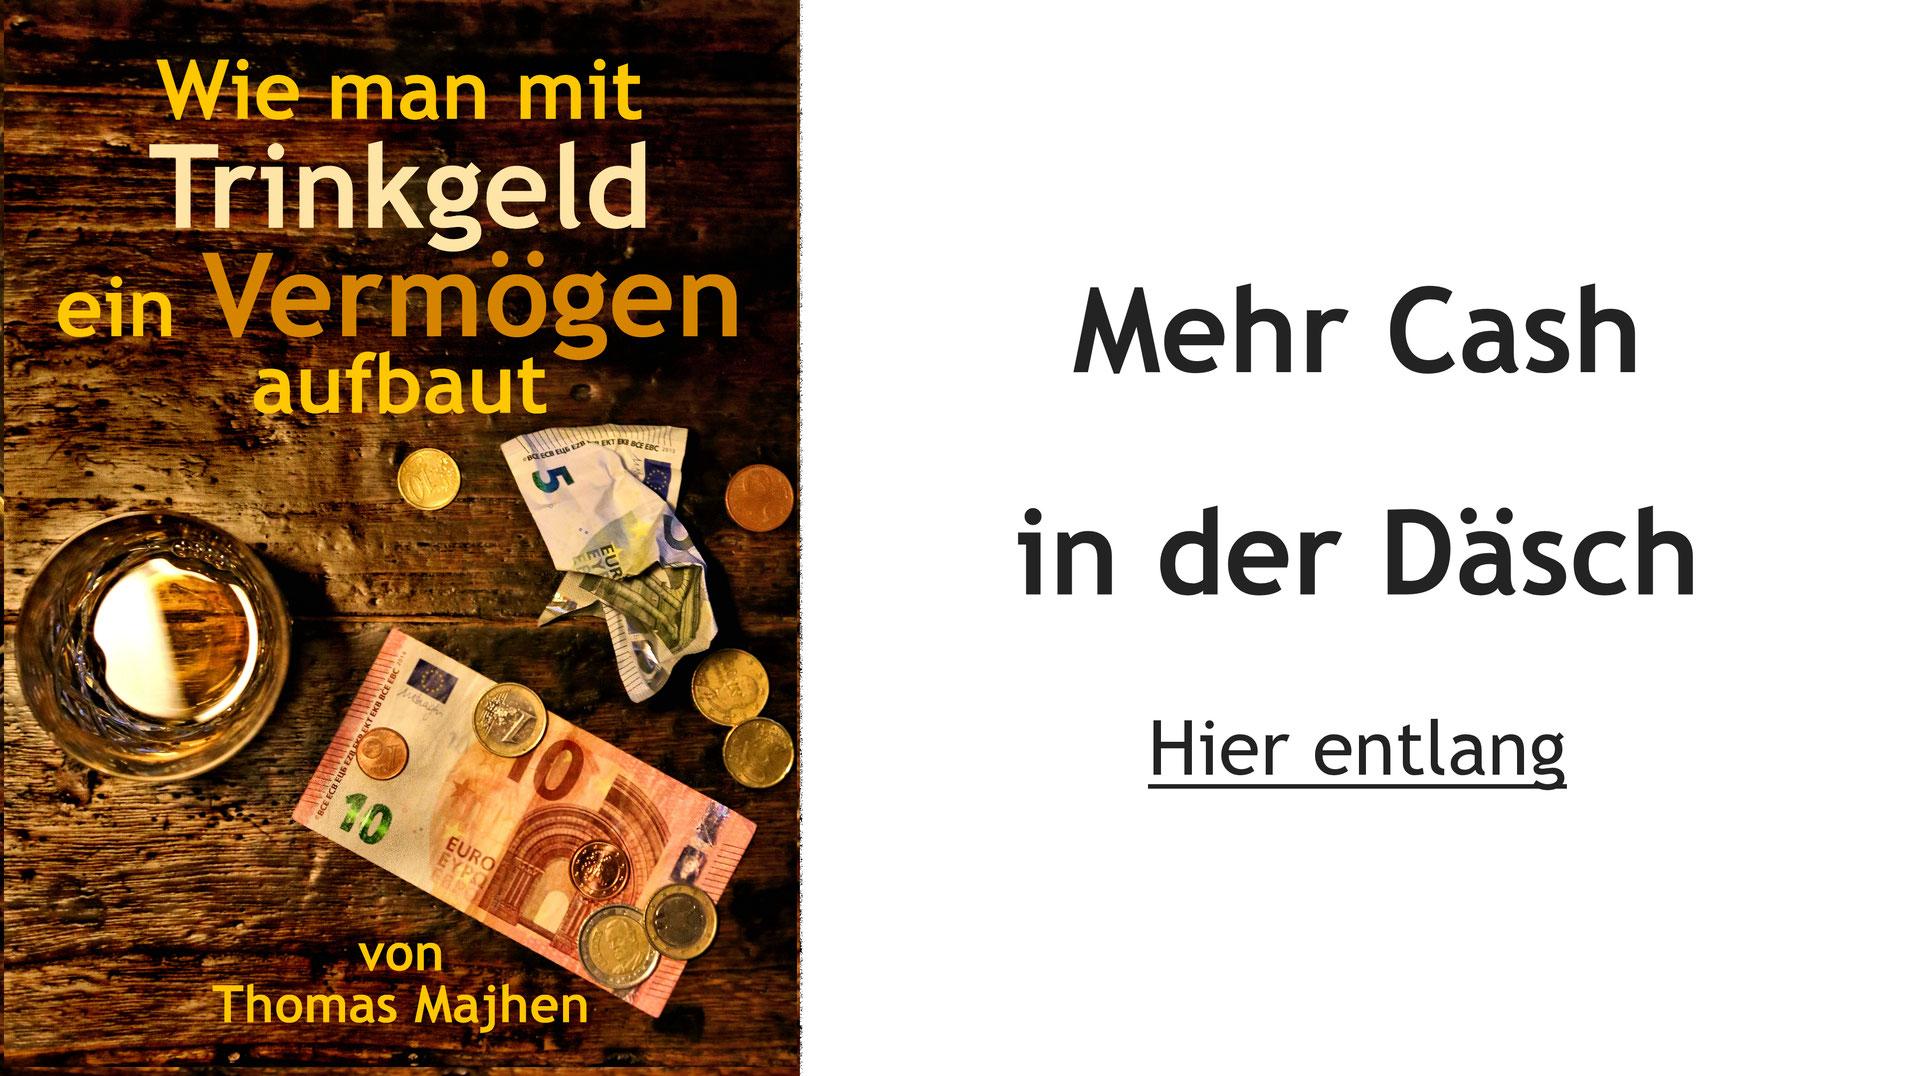 (c) Trinkgeld-tipps.de